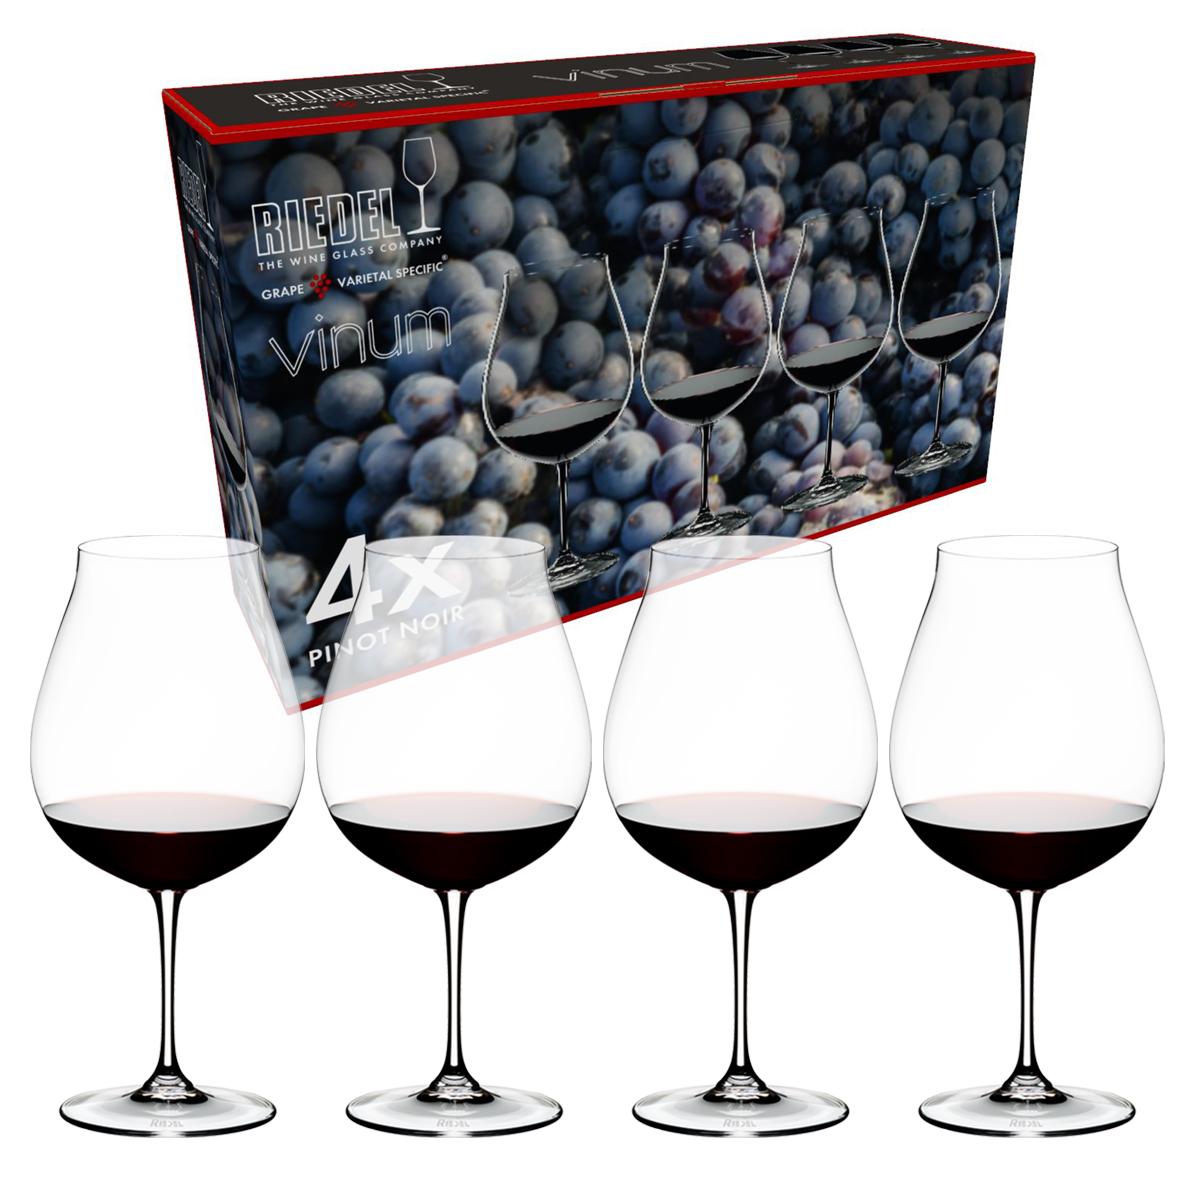 【リーデル公式】<ヴィノム> ピノ・ノワール(4個入)5416/67-1【ラッピング無料】RIEDEL 赤ワイングラス